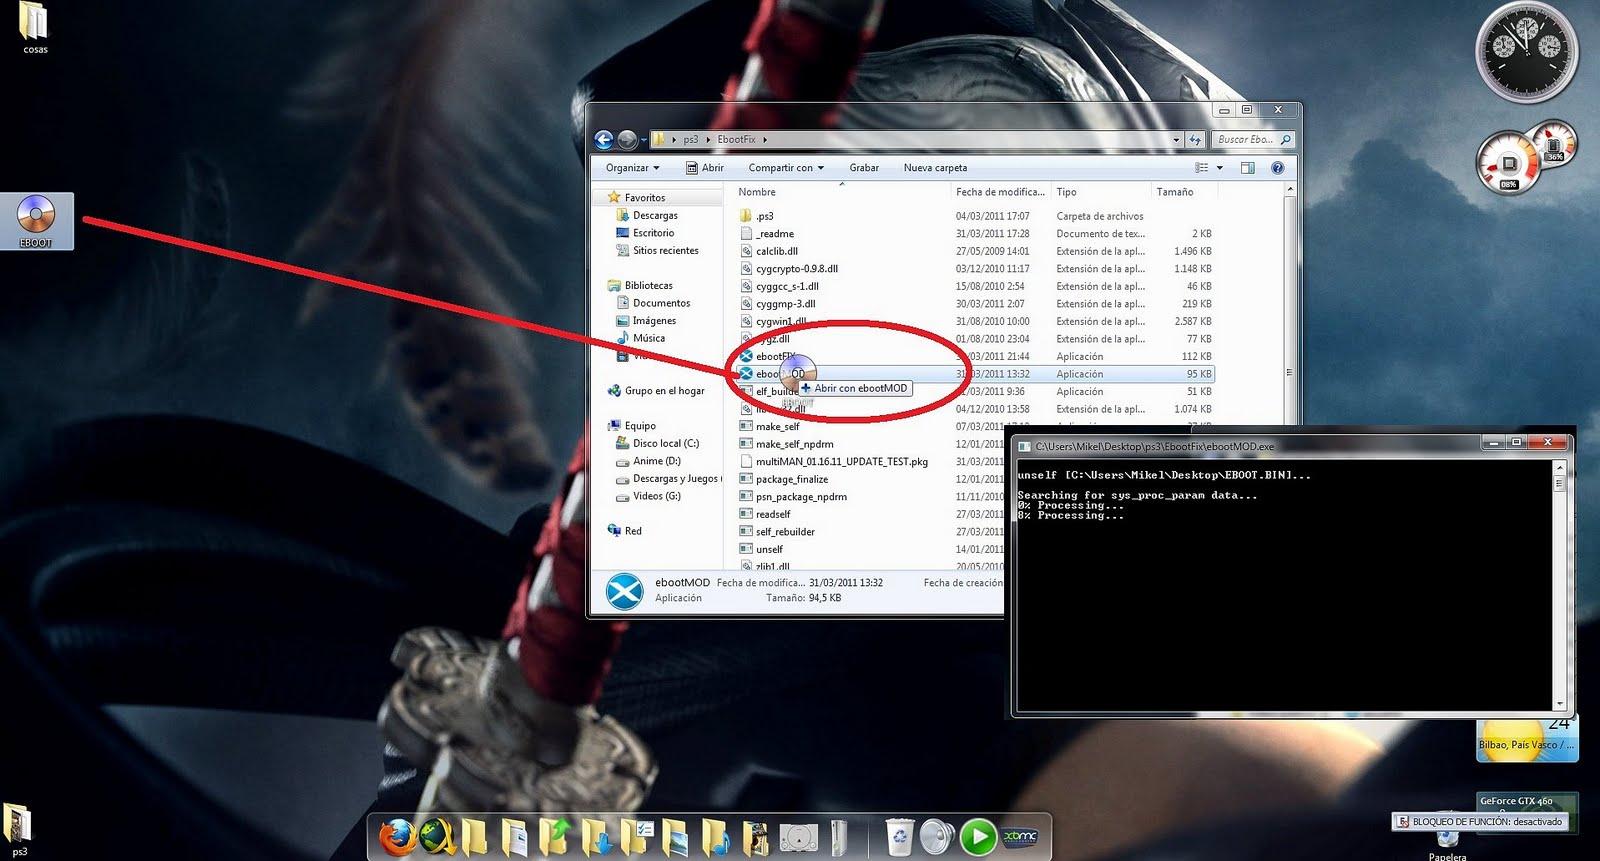 Convert Psx Iso Auf Ps3 Pkg - Download - tretonfive